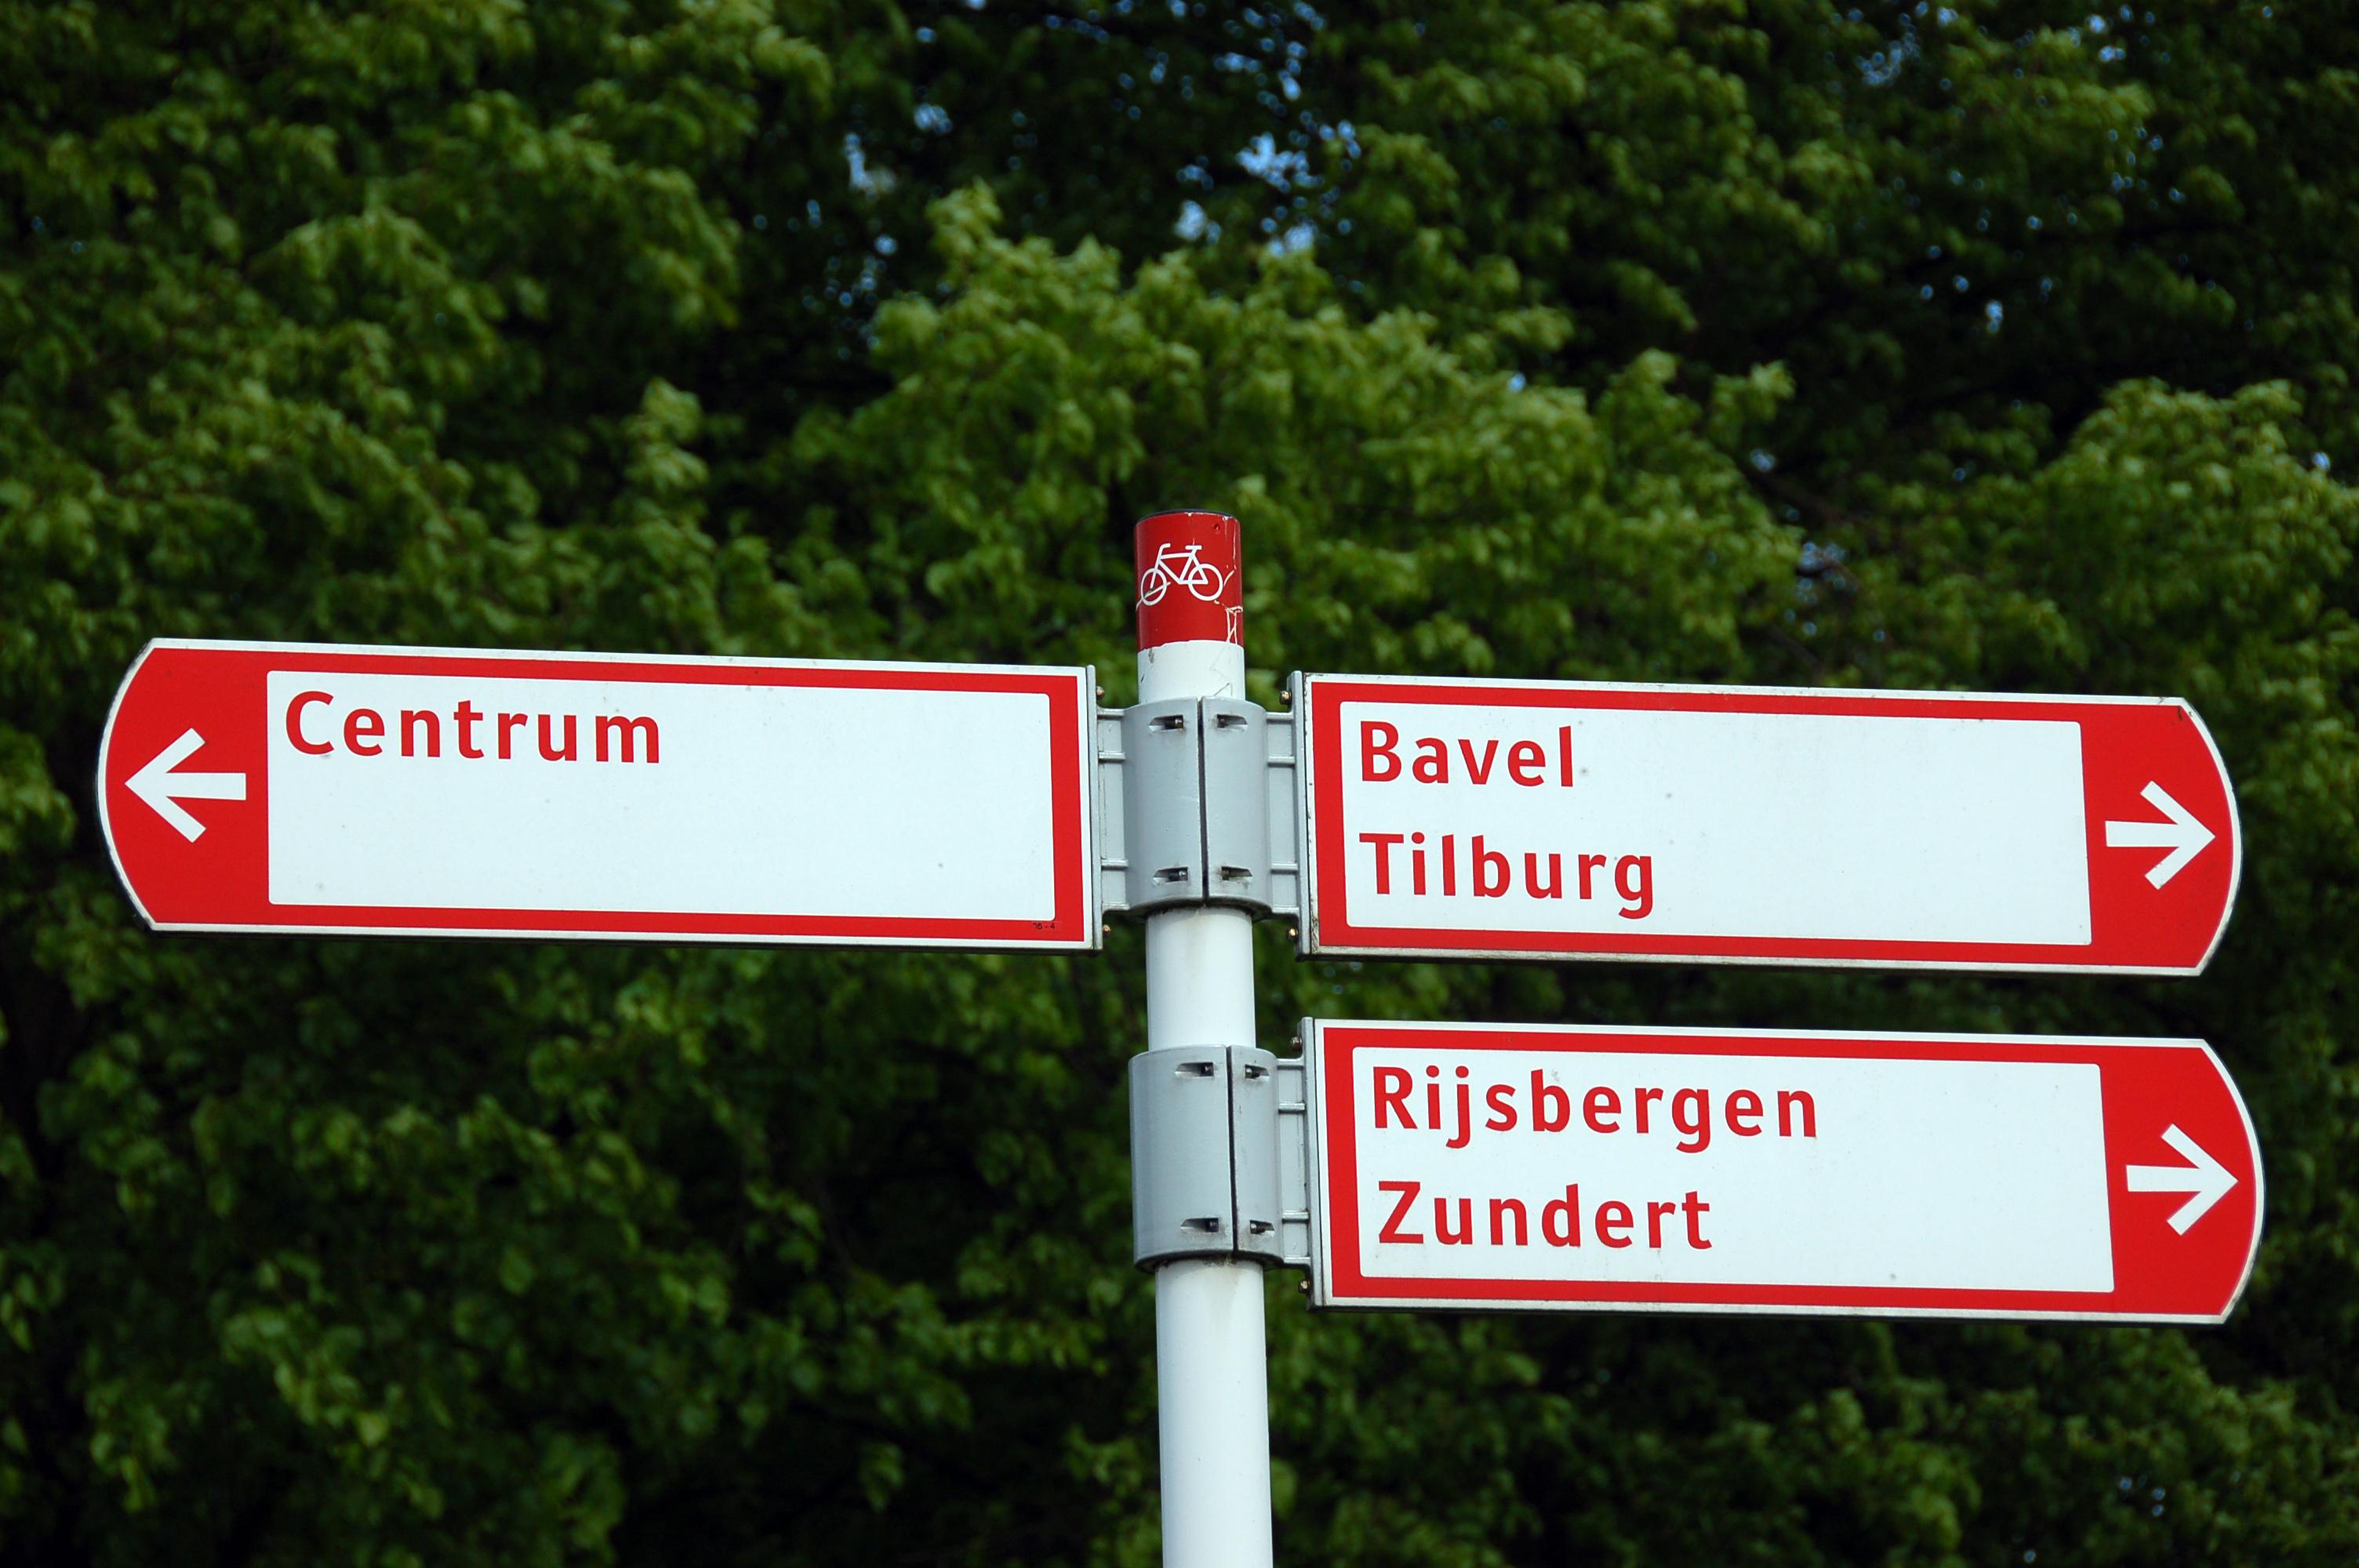 Datei:2010-05-breda-fahrradschilder-by-RalfR-14.jpg